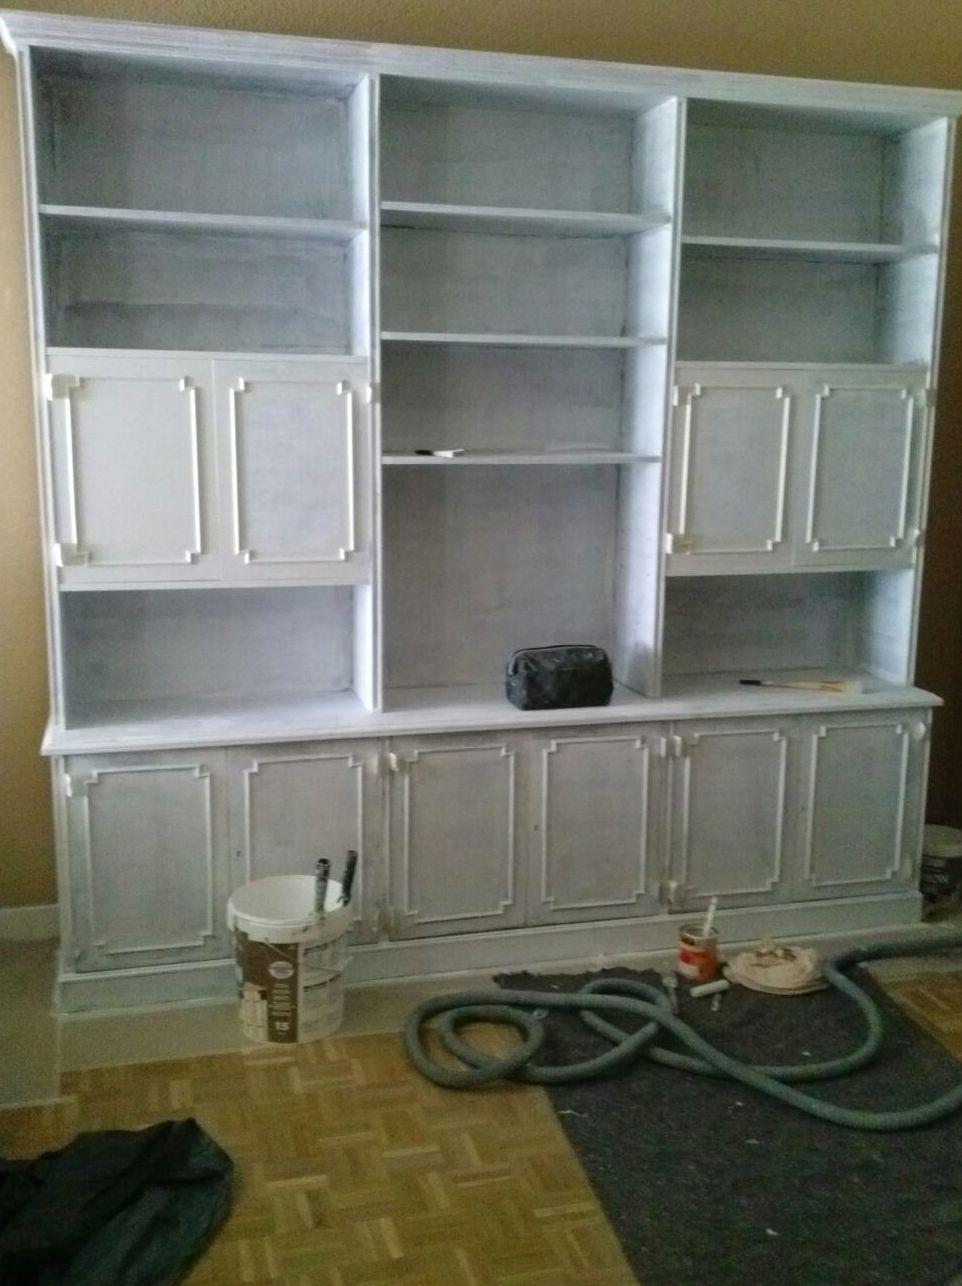 Restaurar Mueble Antiguo Q Excellent Cursos De Muebles Y Madera  # Muebles Viejos Para Restaurar Baratos